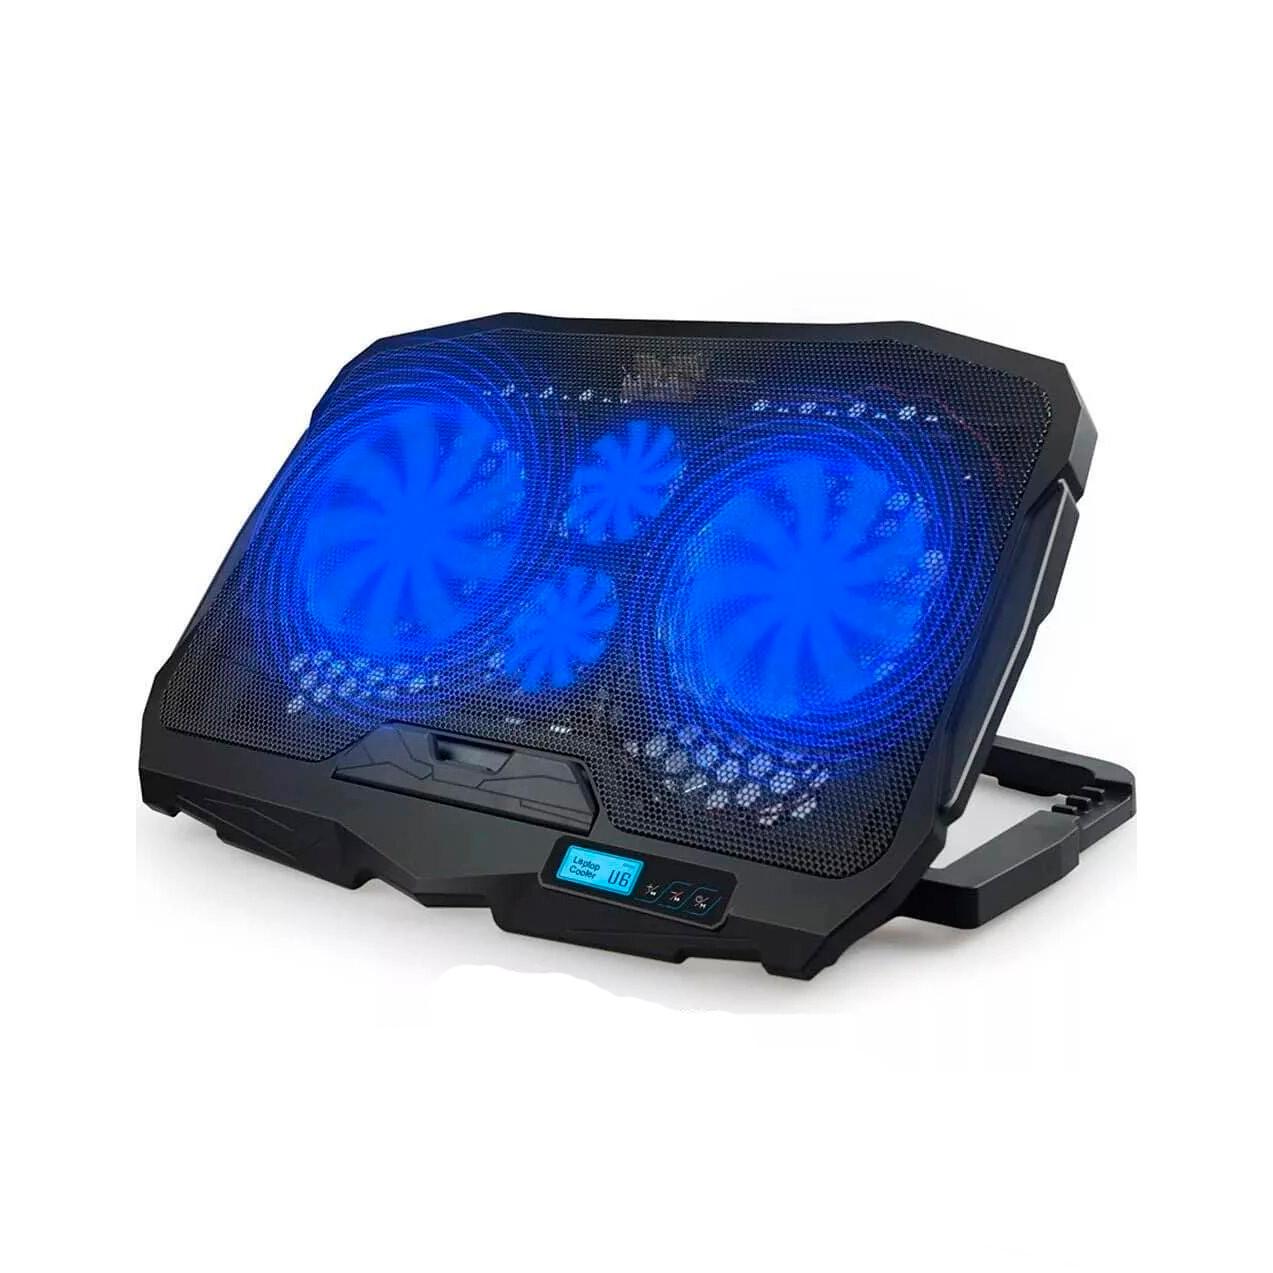 """Охолоджуюча підставка для ноутбука S18 c підсвічуванням, 9-17"""""""